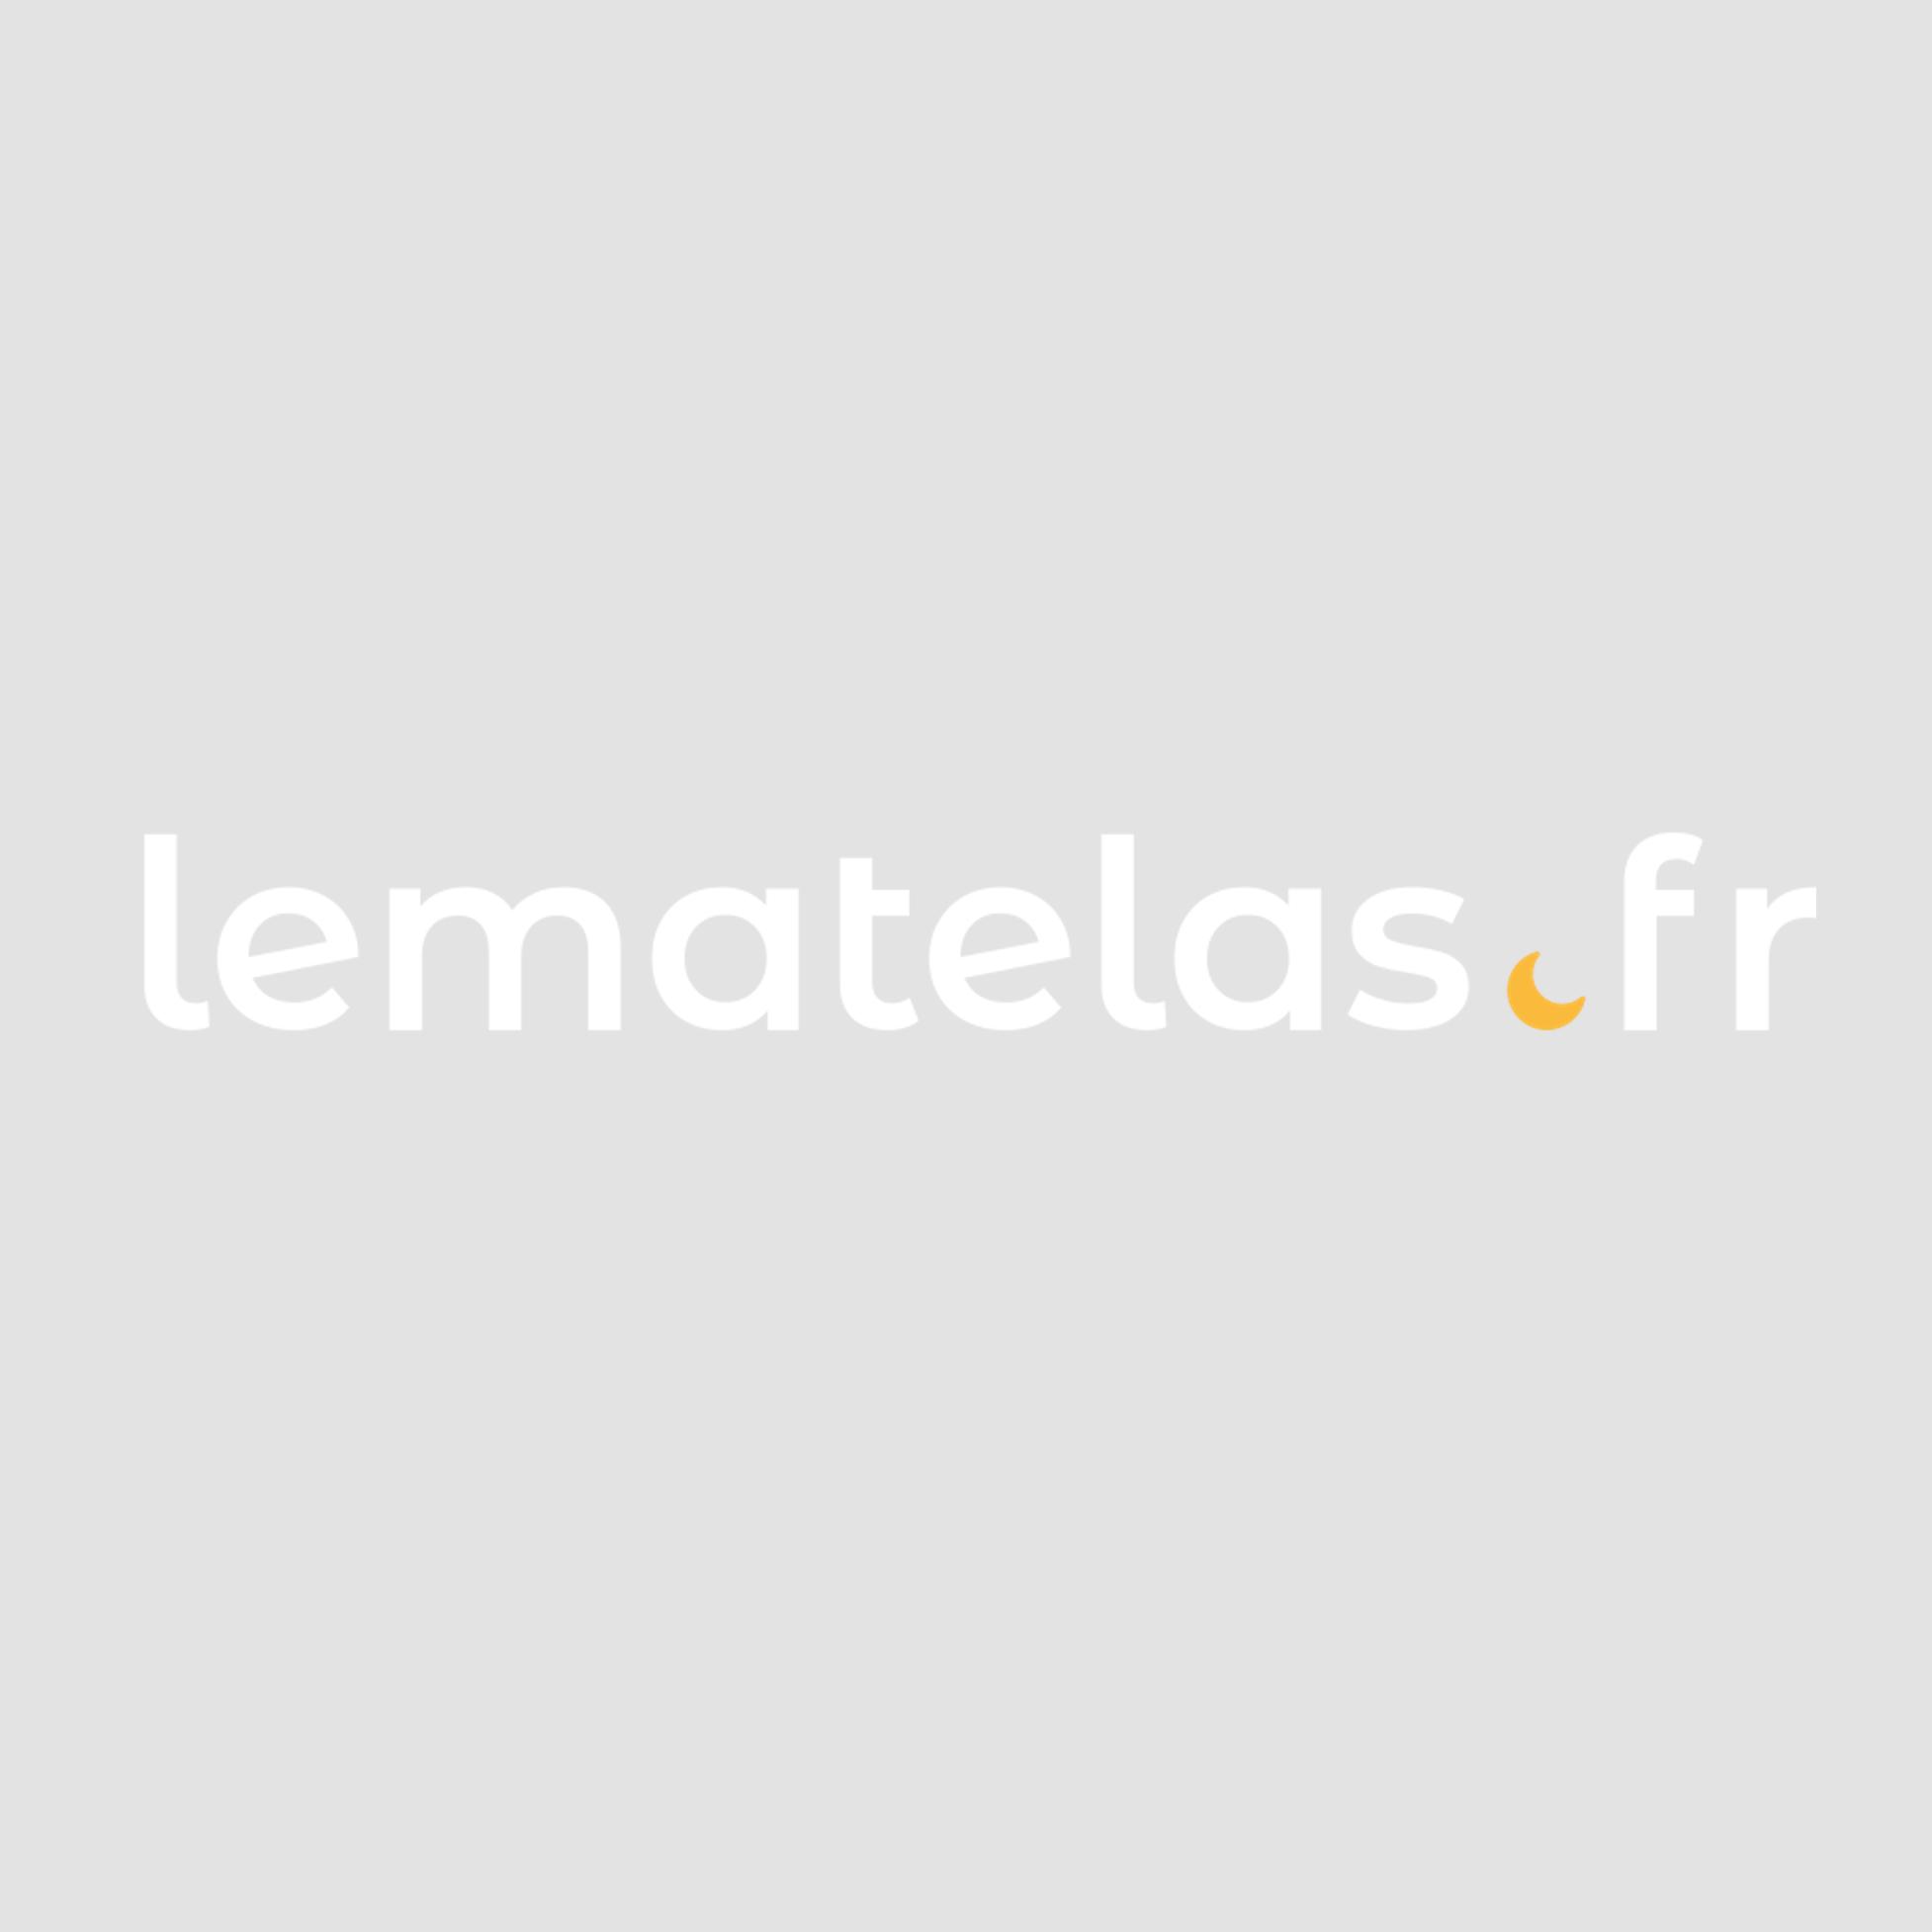 Bureau secrétaire 2 portes en bois - BU5035